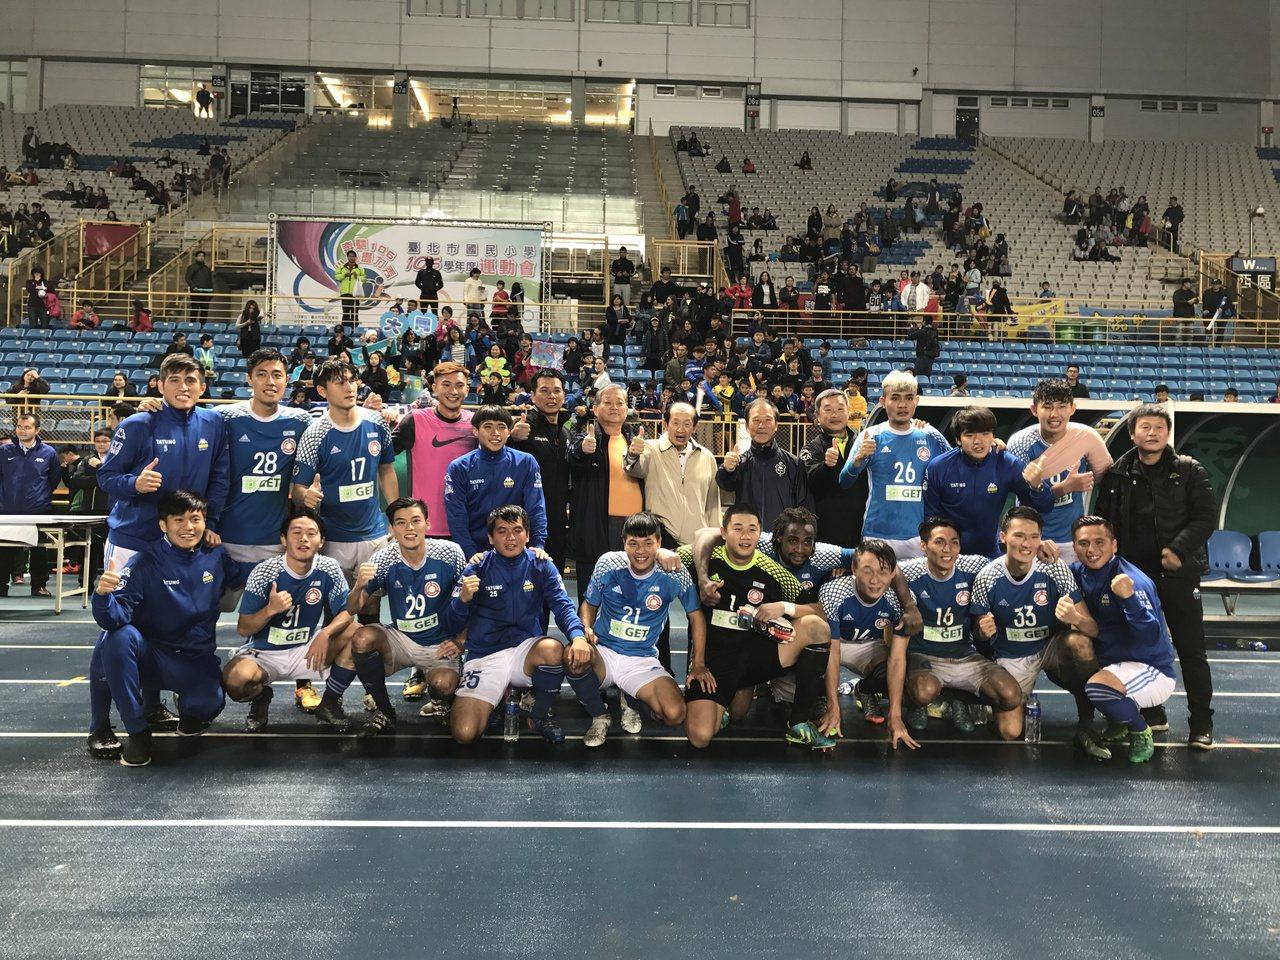 北市大同隊拿下首屆台灣企業甲級足球聯賽冠軍。記者毛琬婷/攝影